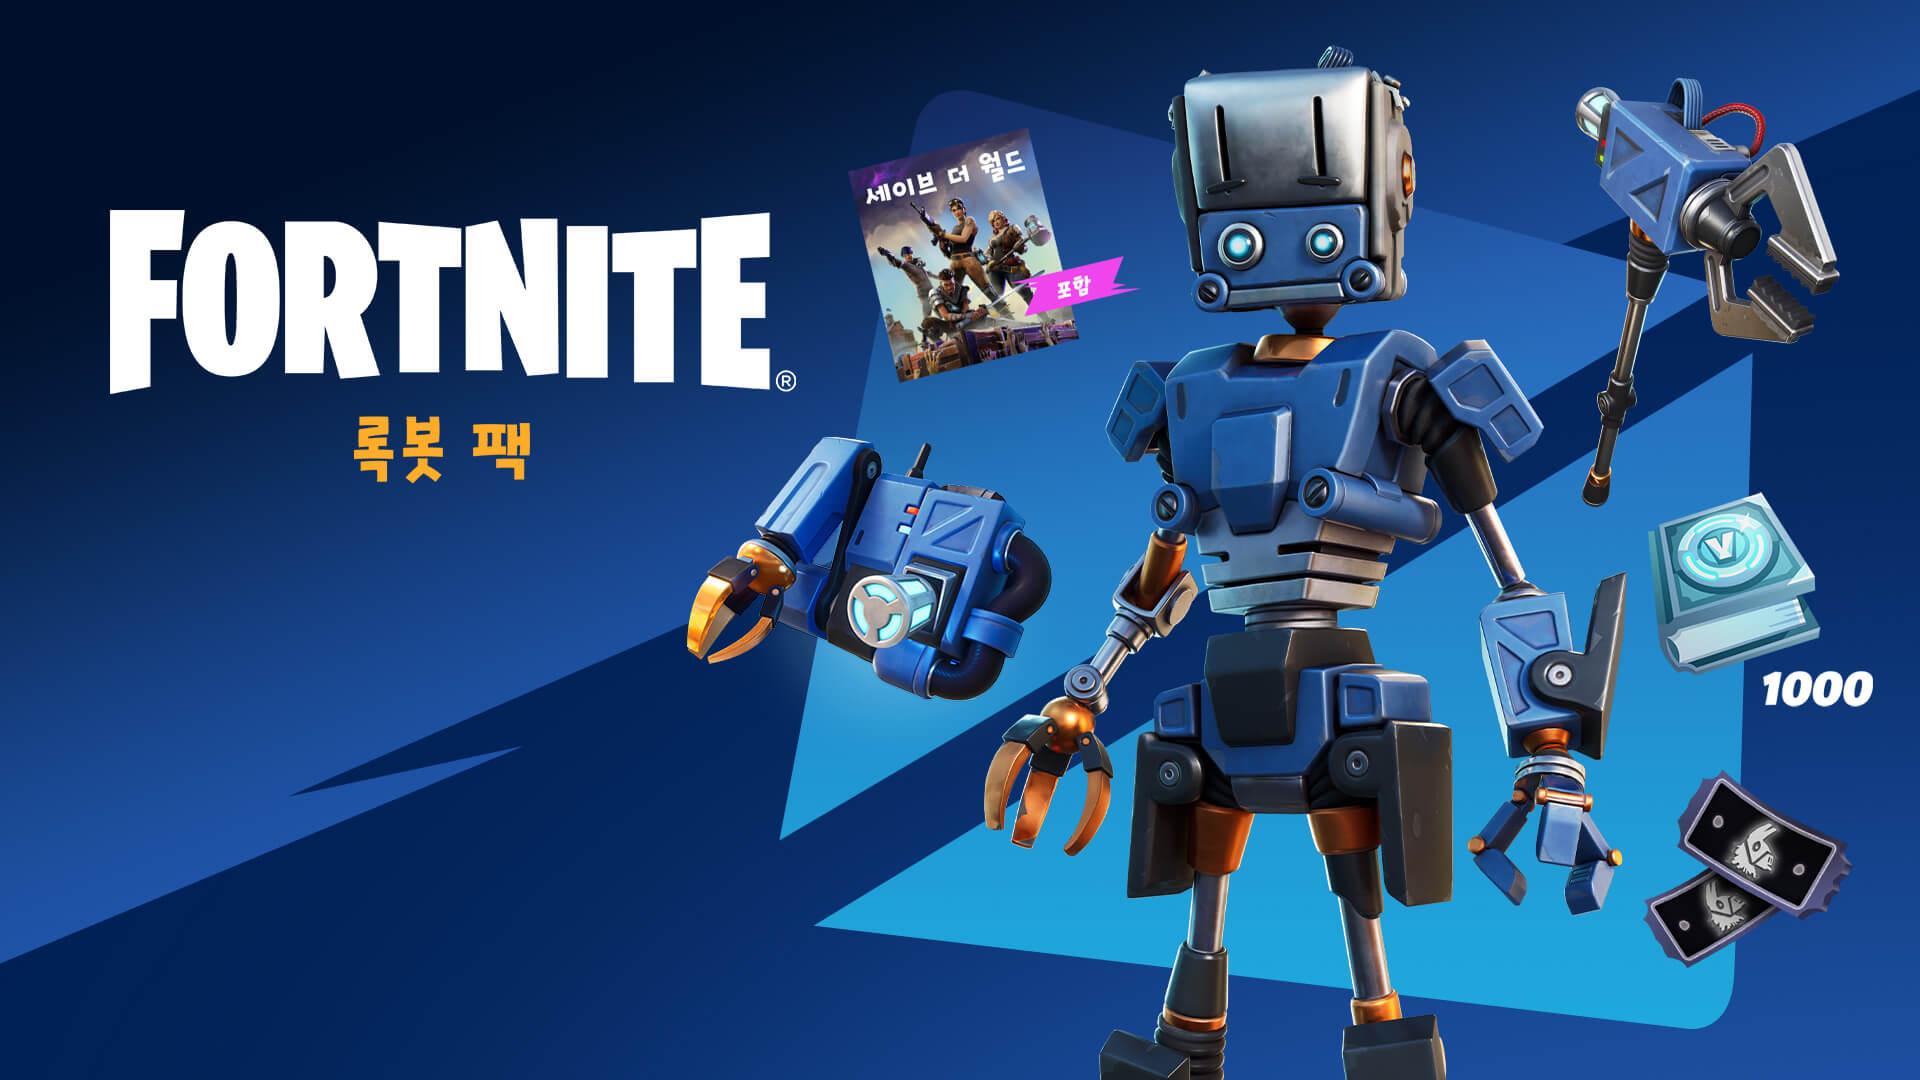 Kr Fortnite Save The World Lok Bot Pack